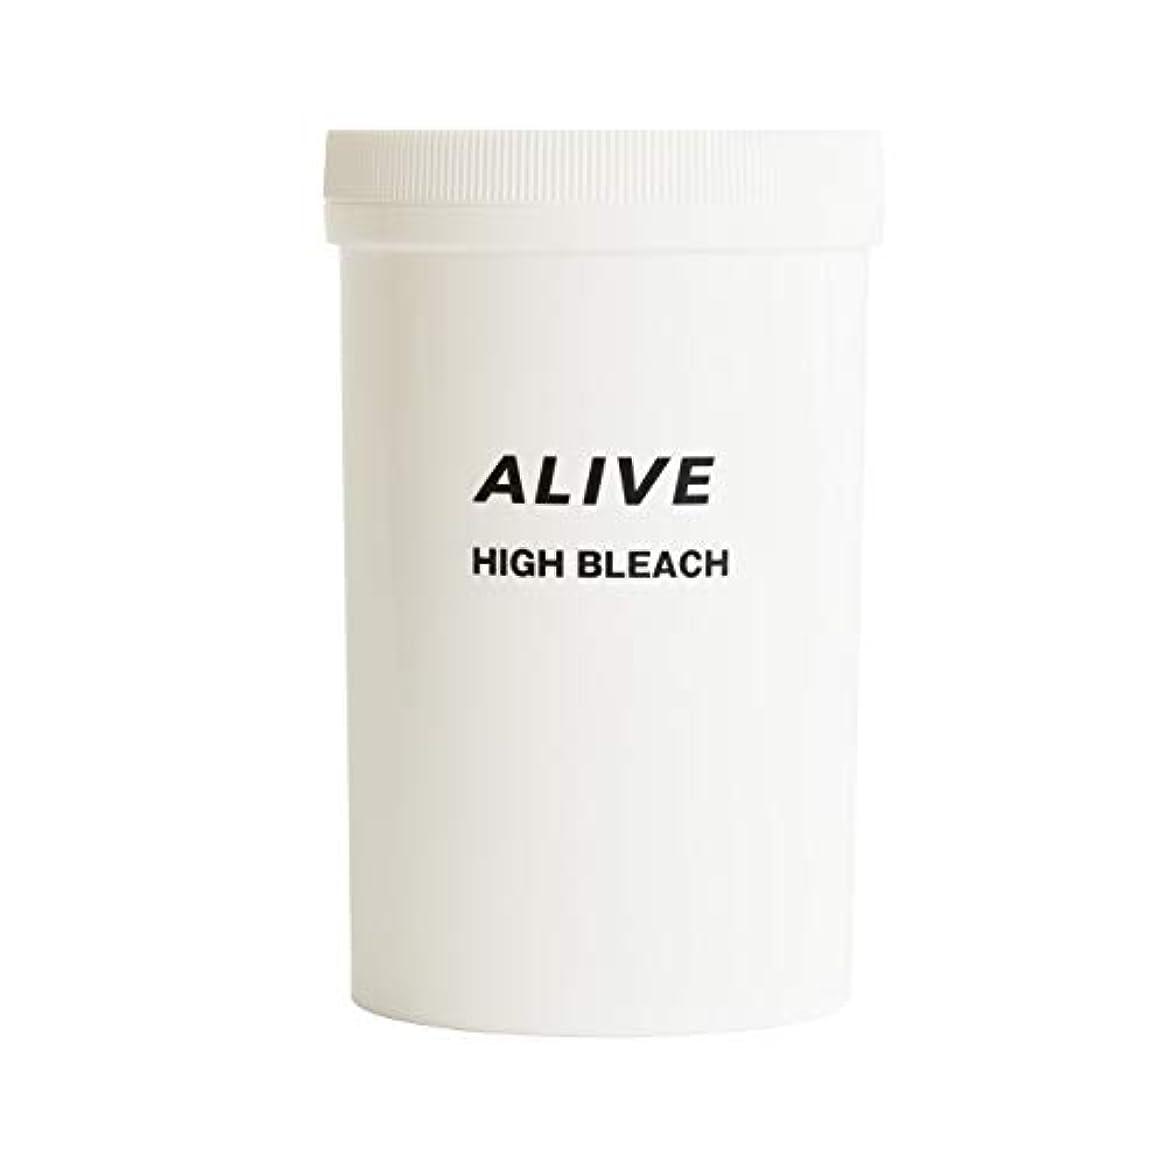 コック比較溶かすALIVE HIGHT BLEACH アライブ ハイブリーチ